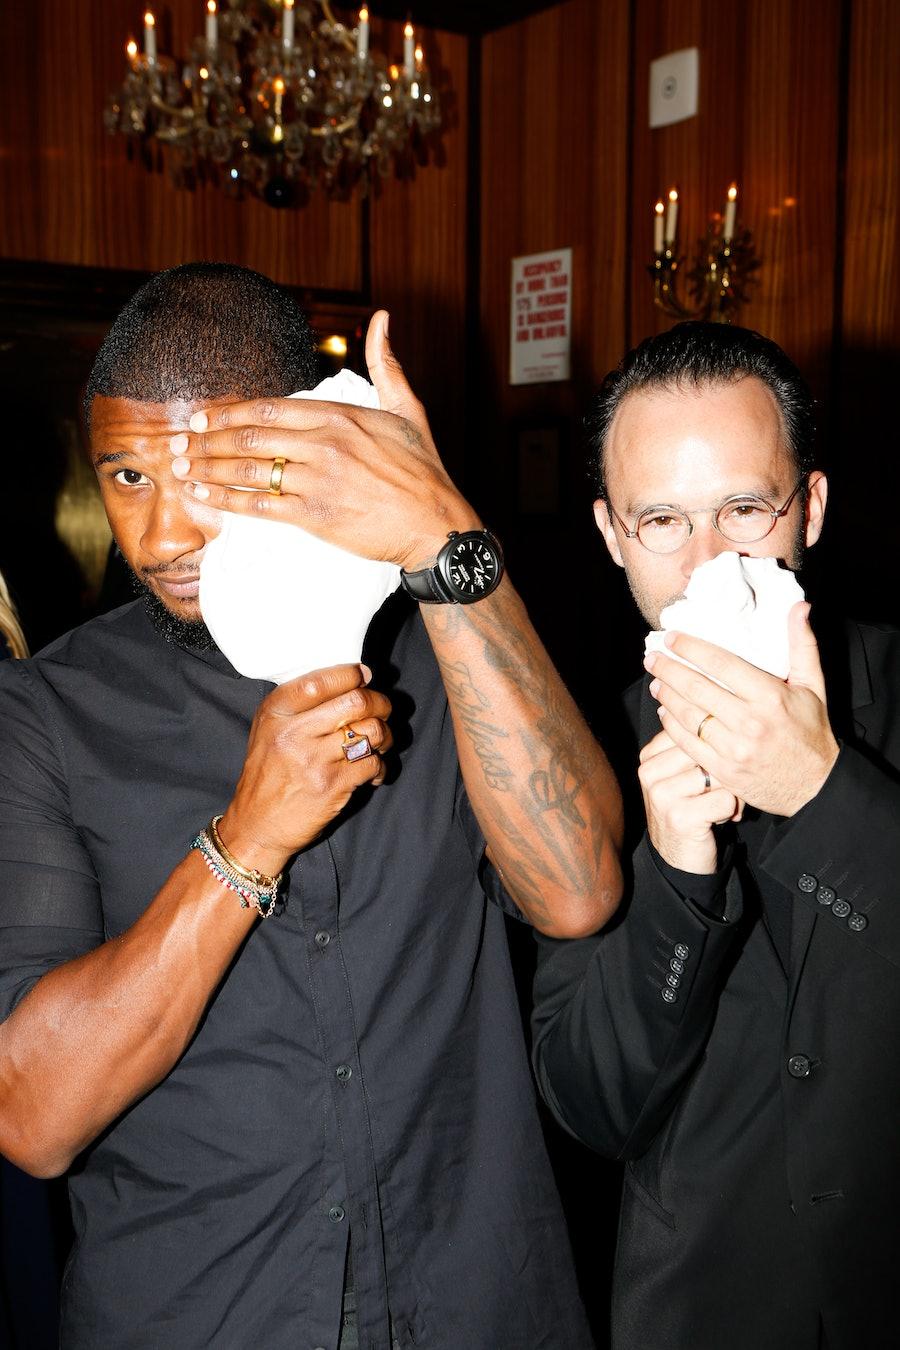 Daniel Arsham and Usher Raymond